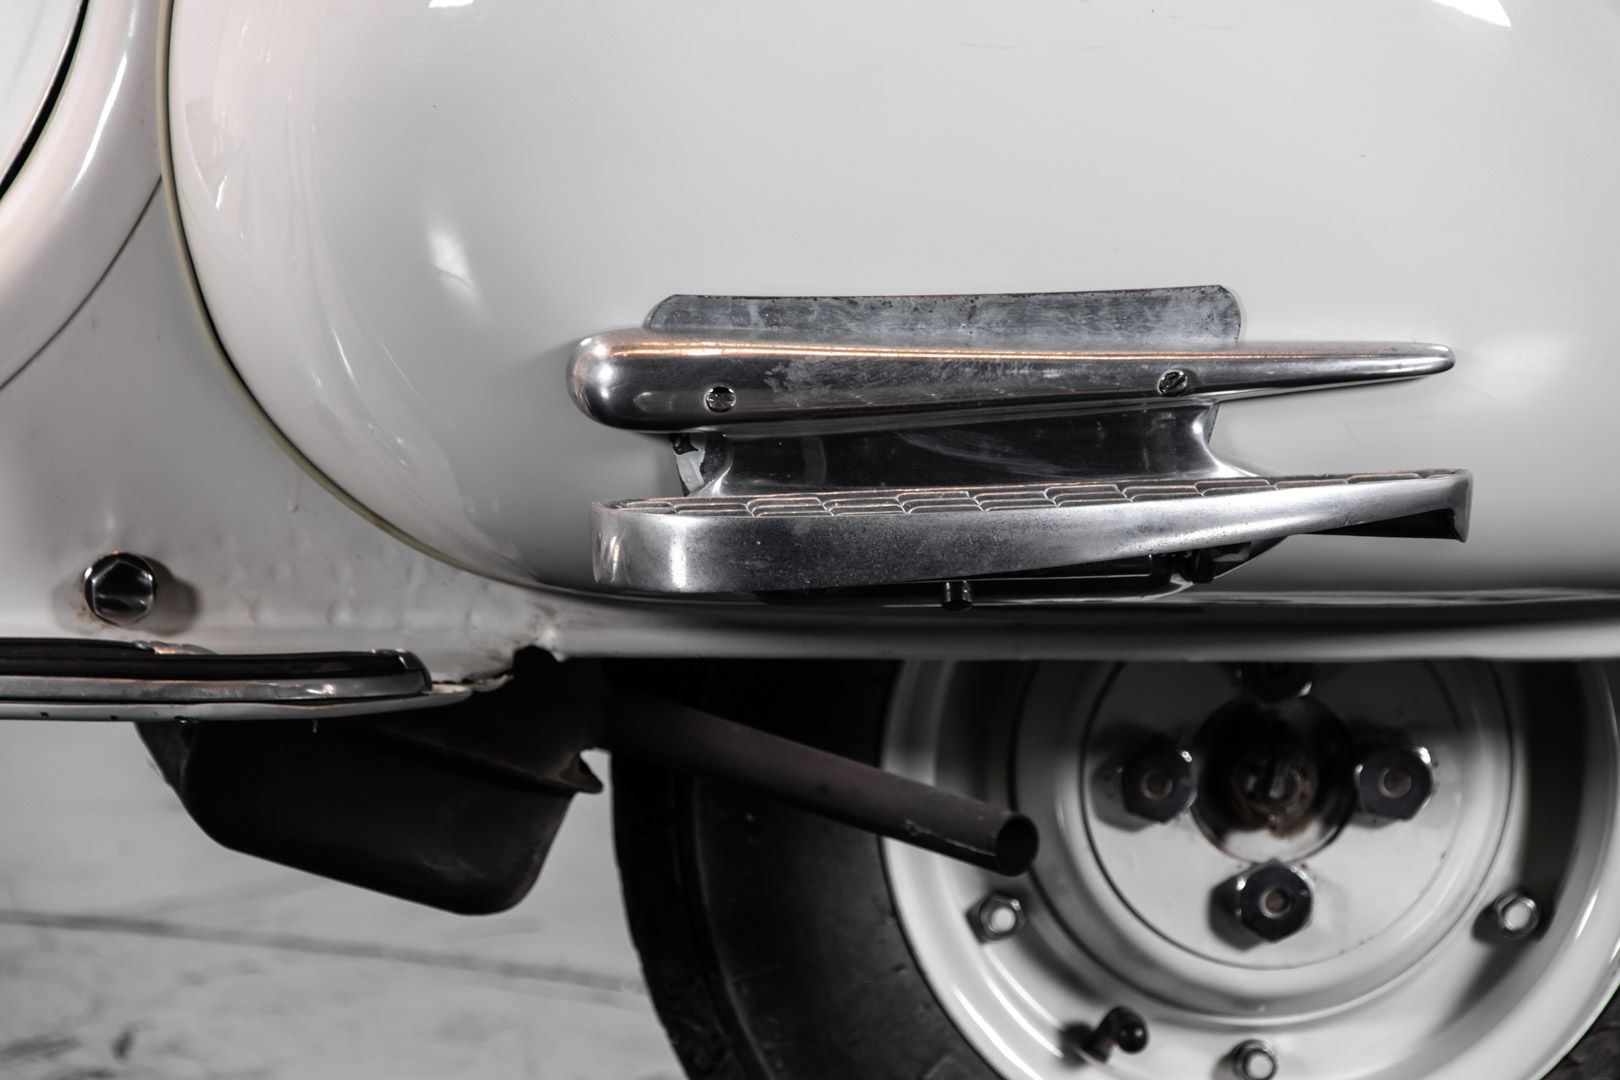 1956 Piaggio Vespa 150 VL3T 84111